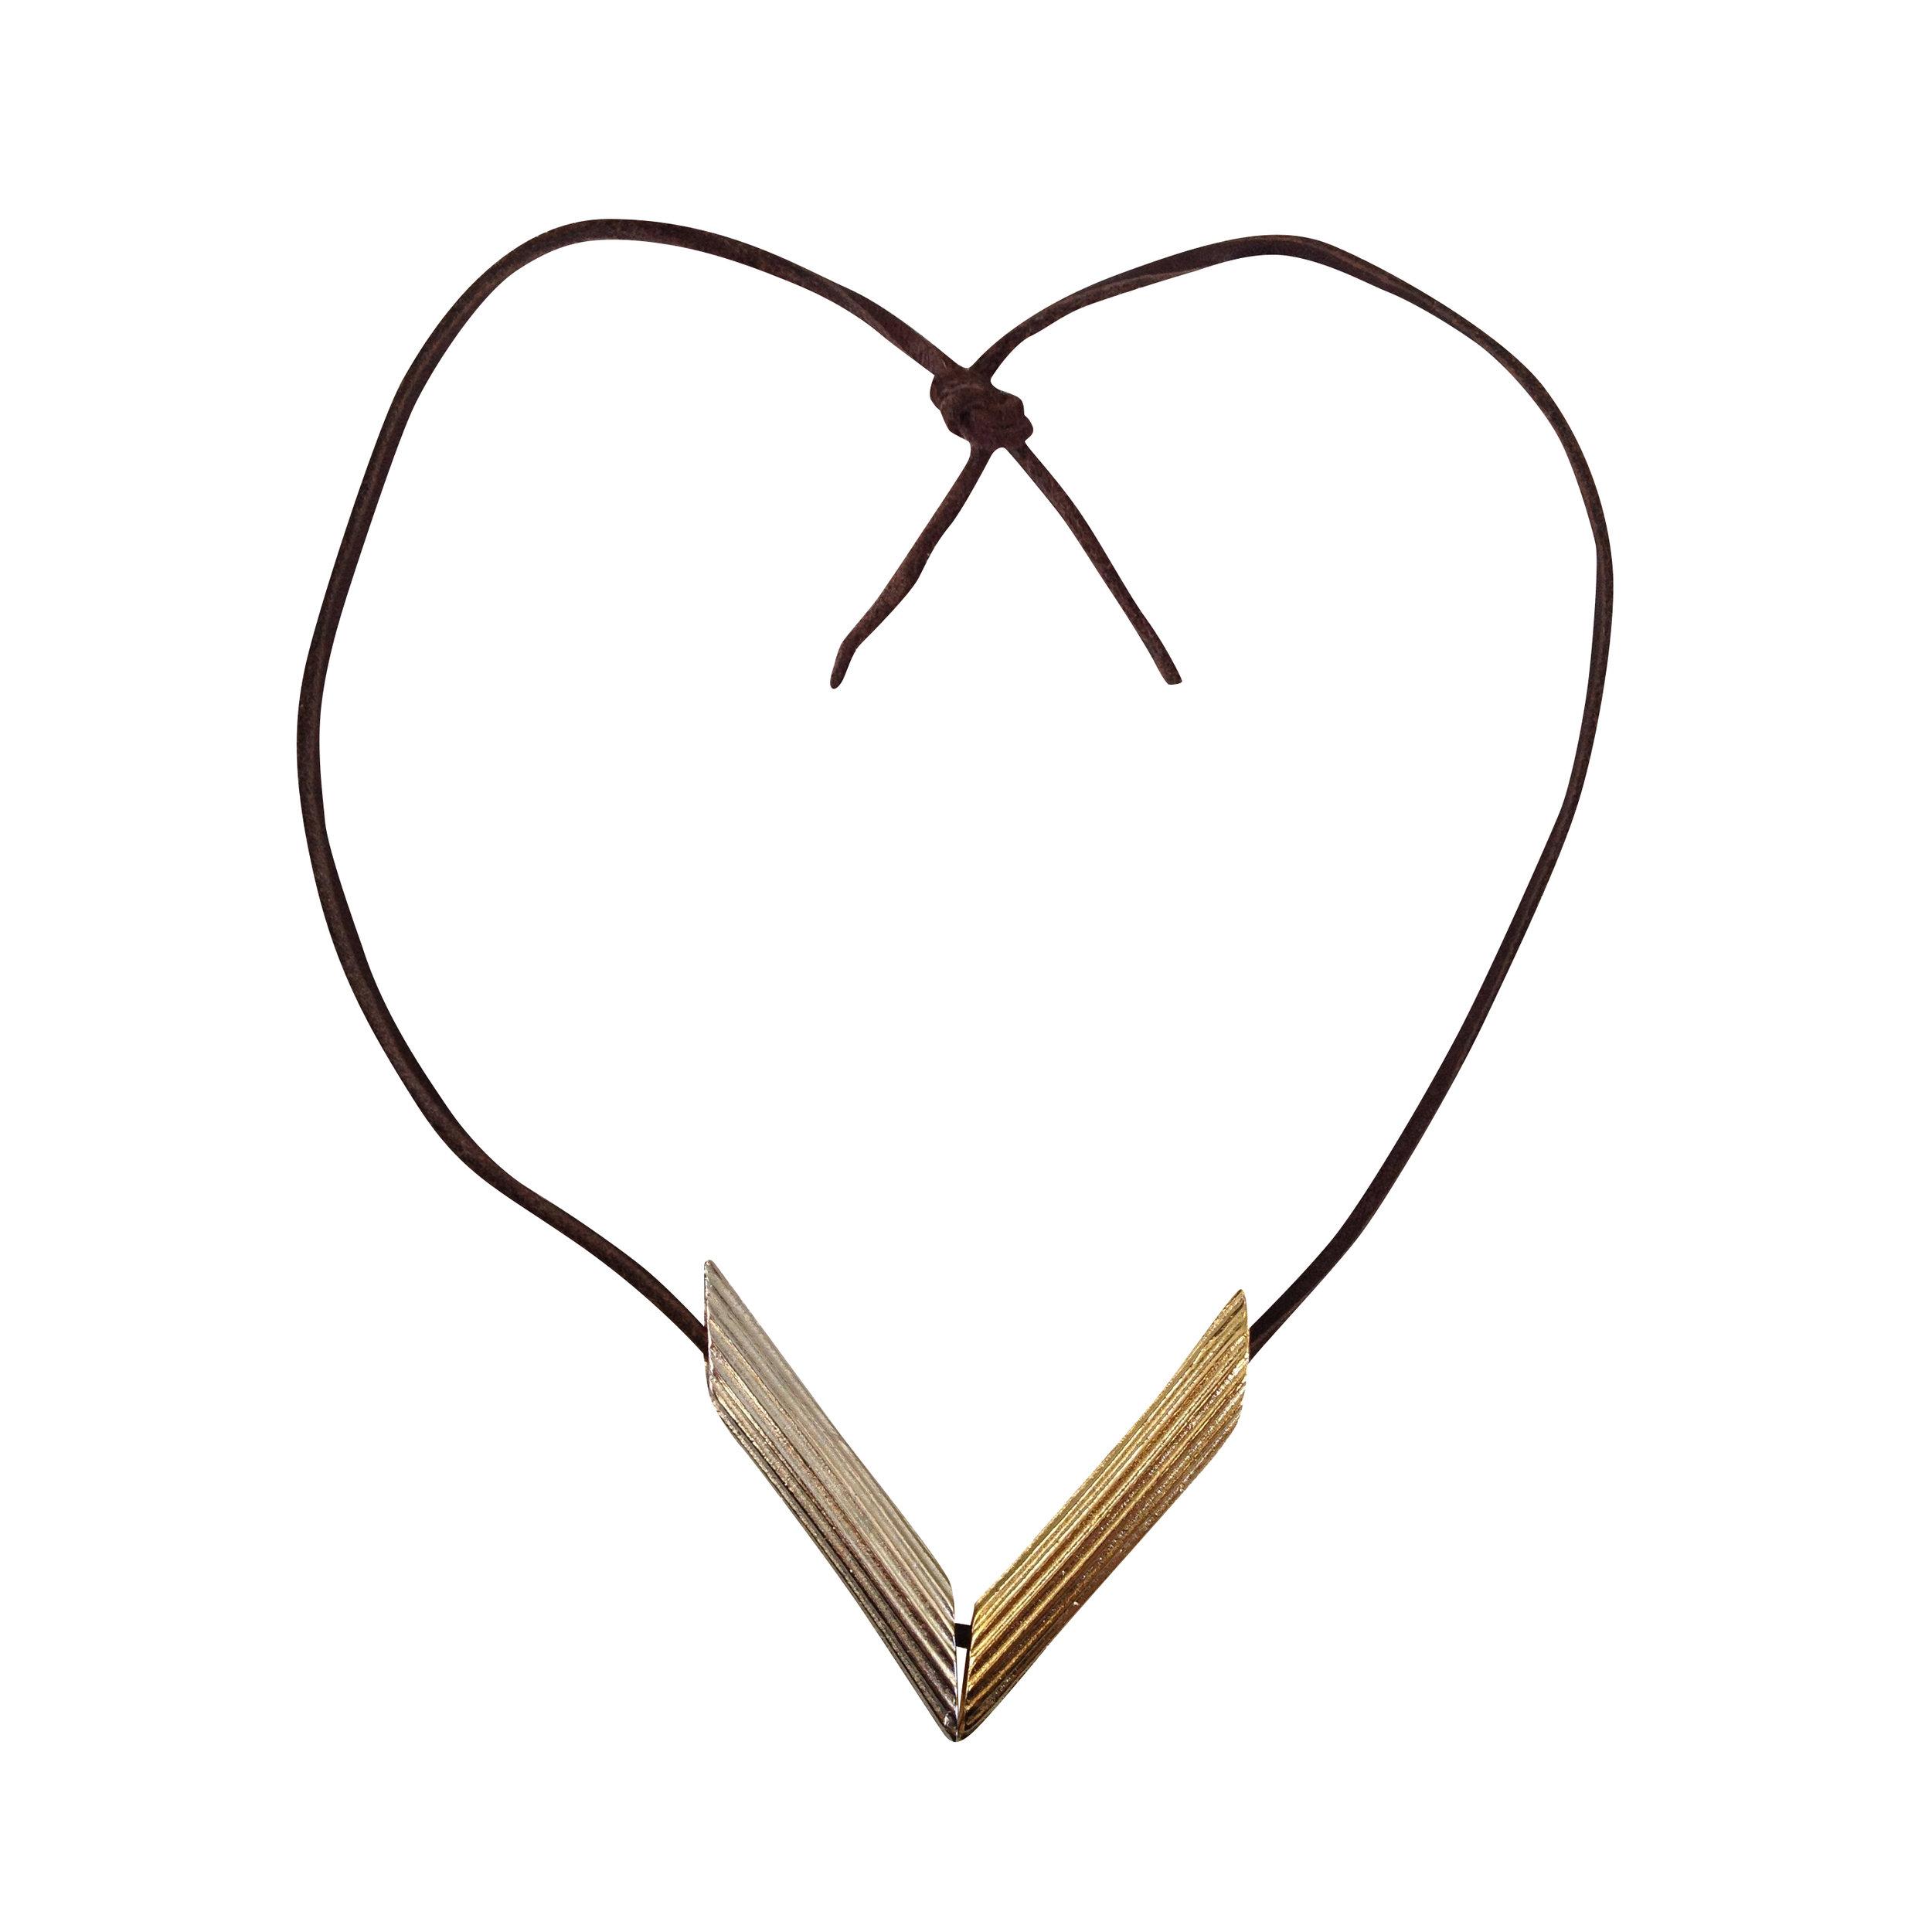 Penne Heart copy.JPG